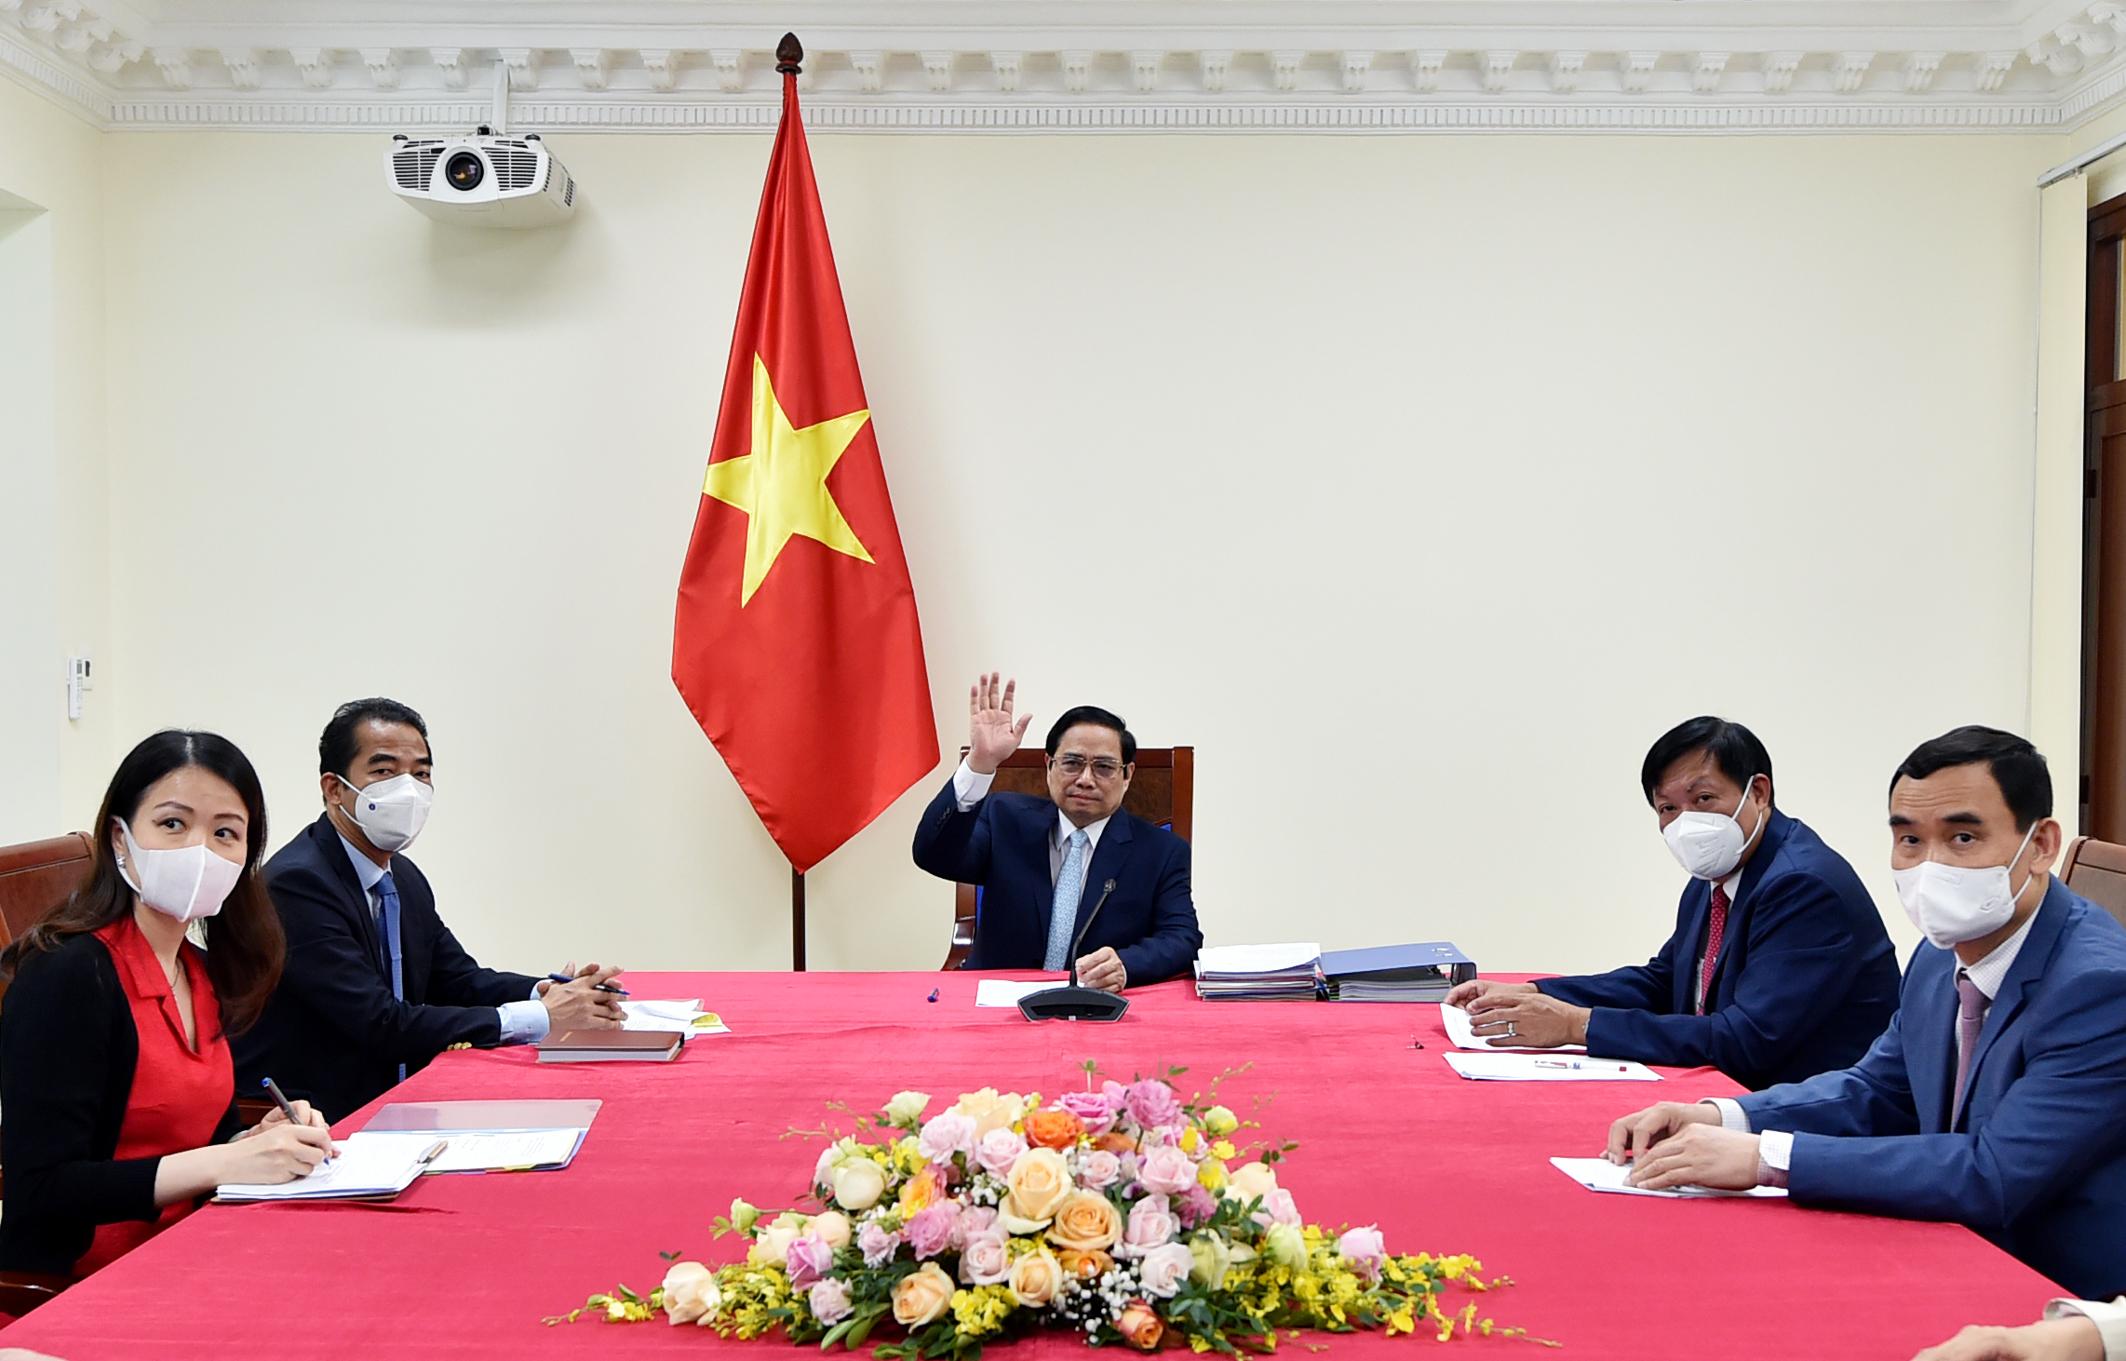 Thủ tướng hoan nghênh và đánh giá cao vai trò của COVAX trong tìm kiếm nguồn cung, điều phối, phân bổ công bằng vaccine phòng COVID-19 trên toàn cầu. Ảnh: VGP/Nhật Bắc